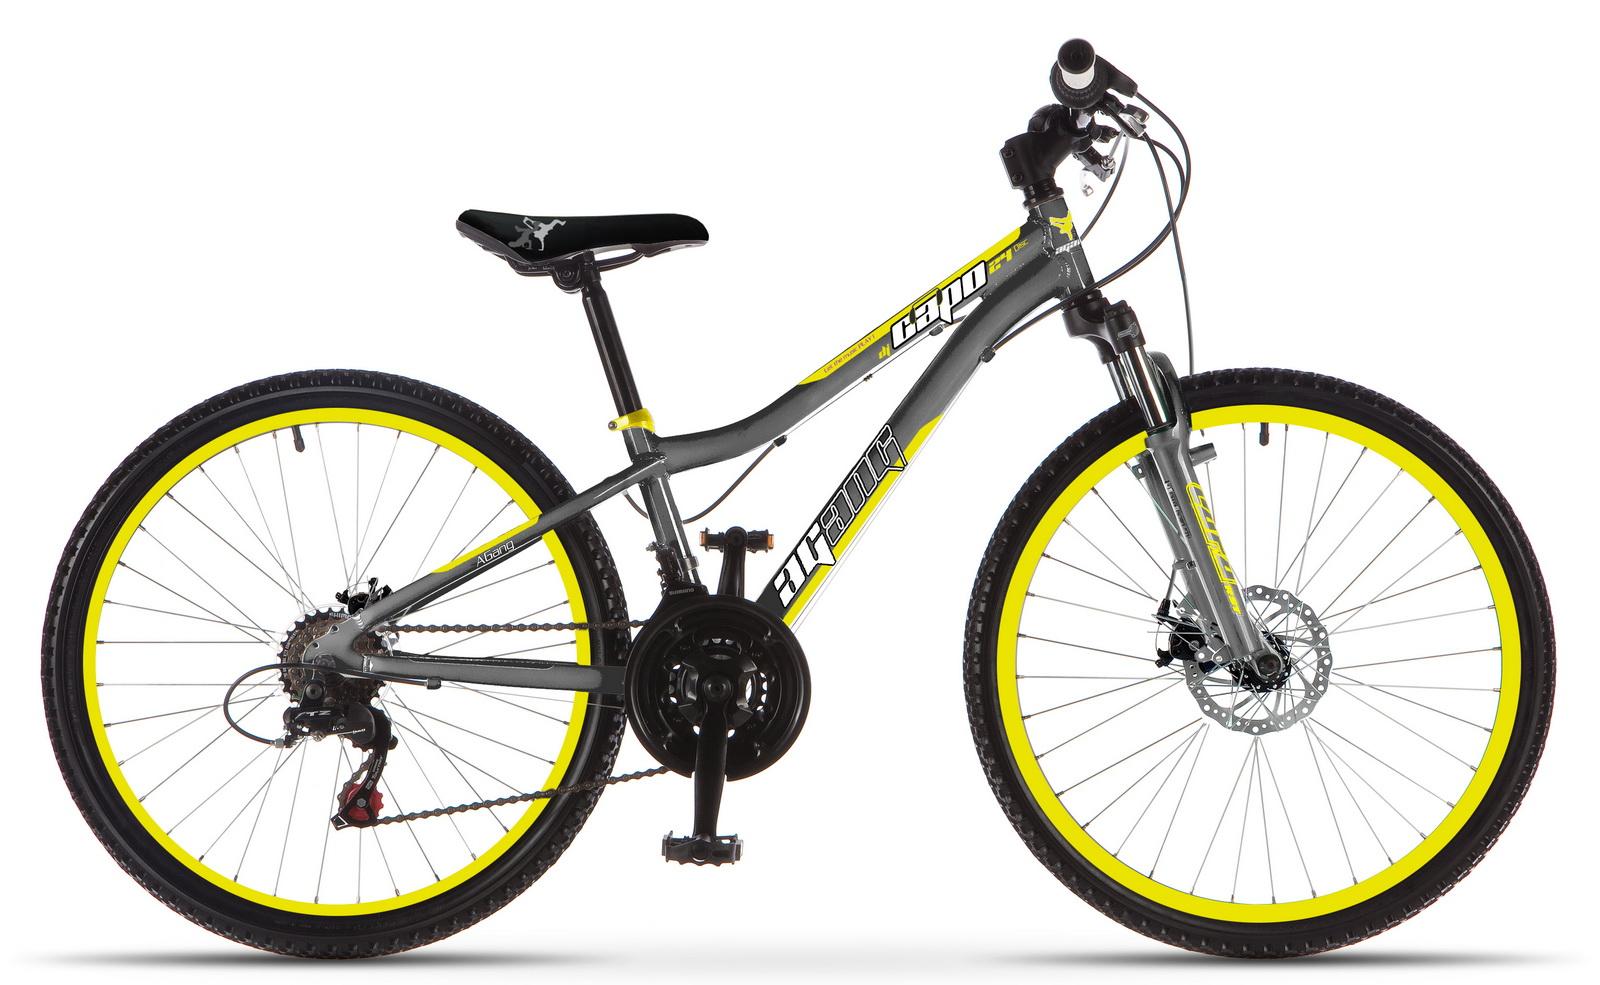 купить подростковый велосипед в воронеже, для какого возраста подходит